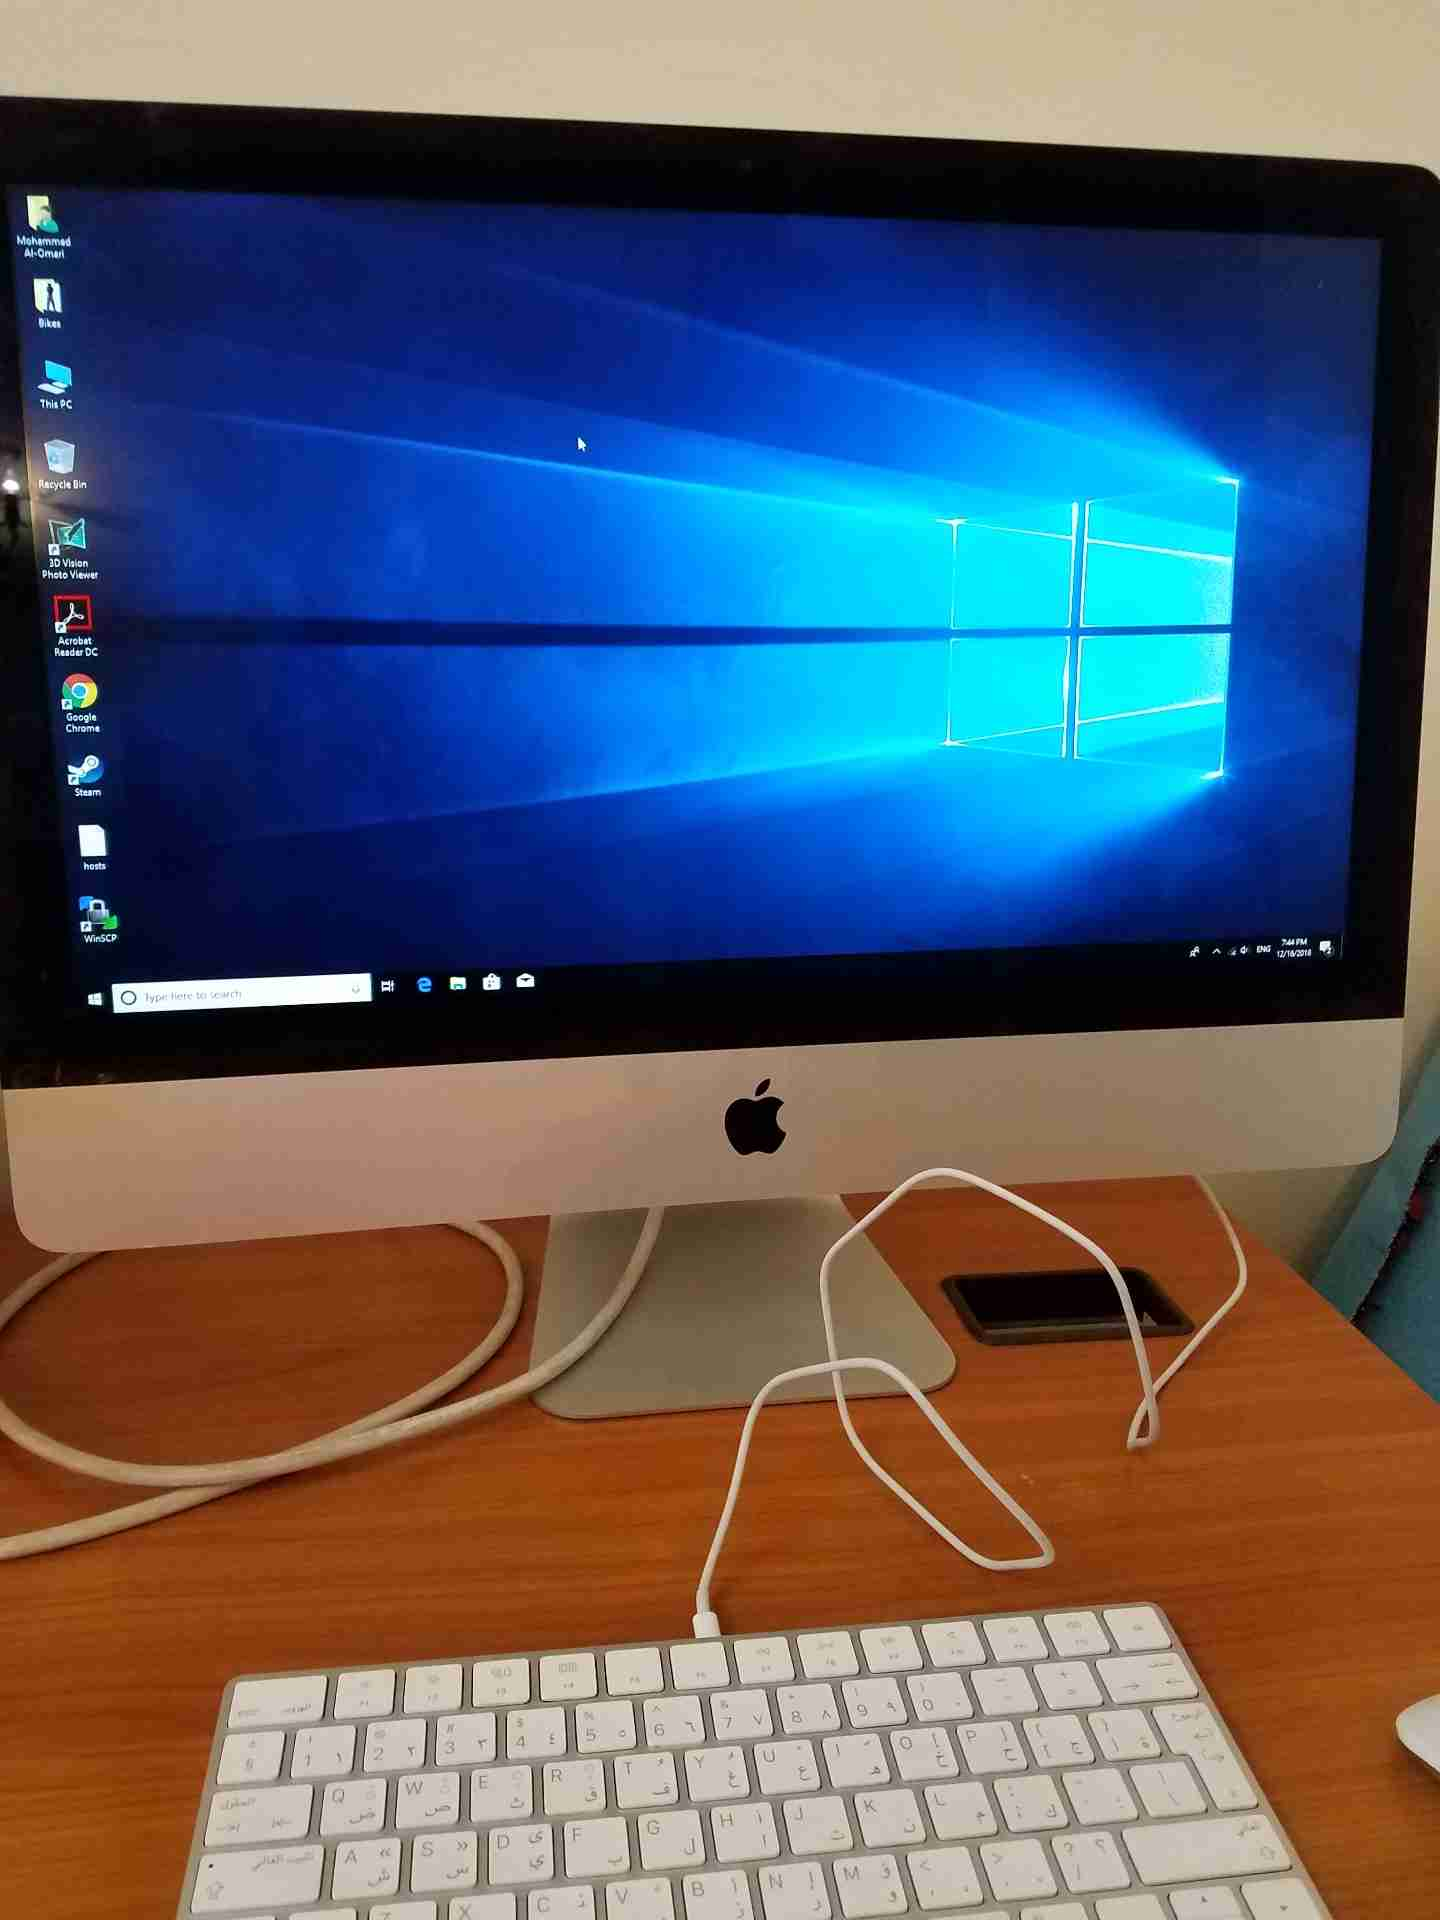 فني اليكترونيات خبره 17 عام في مجال الهواتف الخلوية والكمبيوتر واللابتوب صيانة وتجميع و�-  imac i5 16gb ram 1gb...